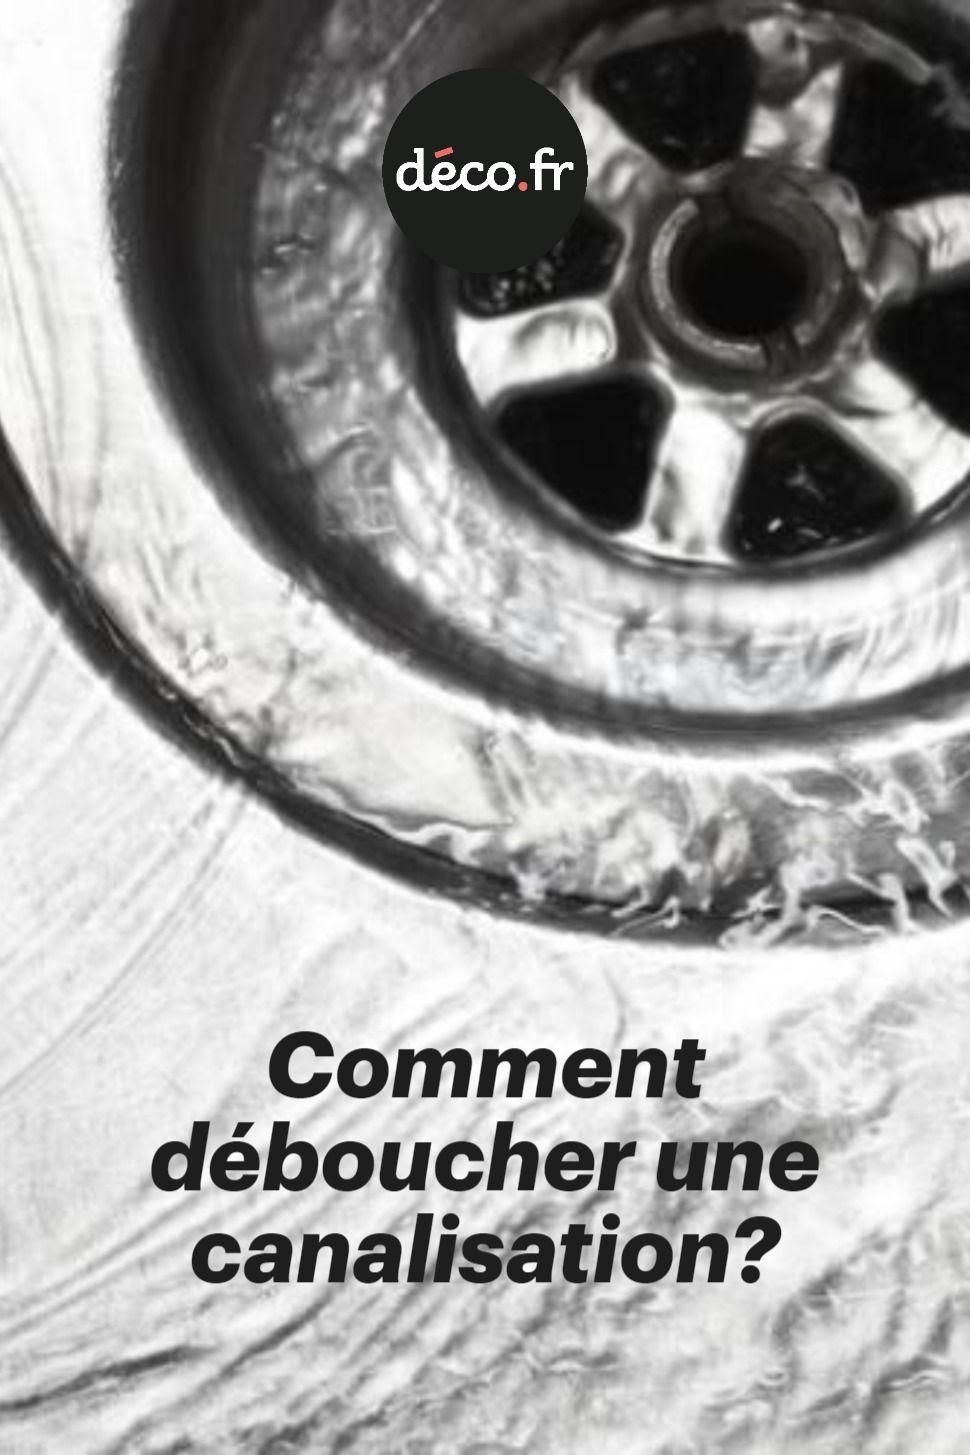 Comment Deboucher Une Canalisation En 2020 Avec Images Deboucher Canalisation Comment Deboucher Une Canalisation